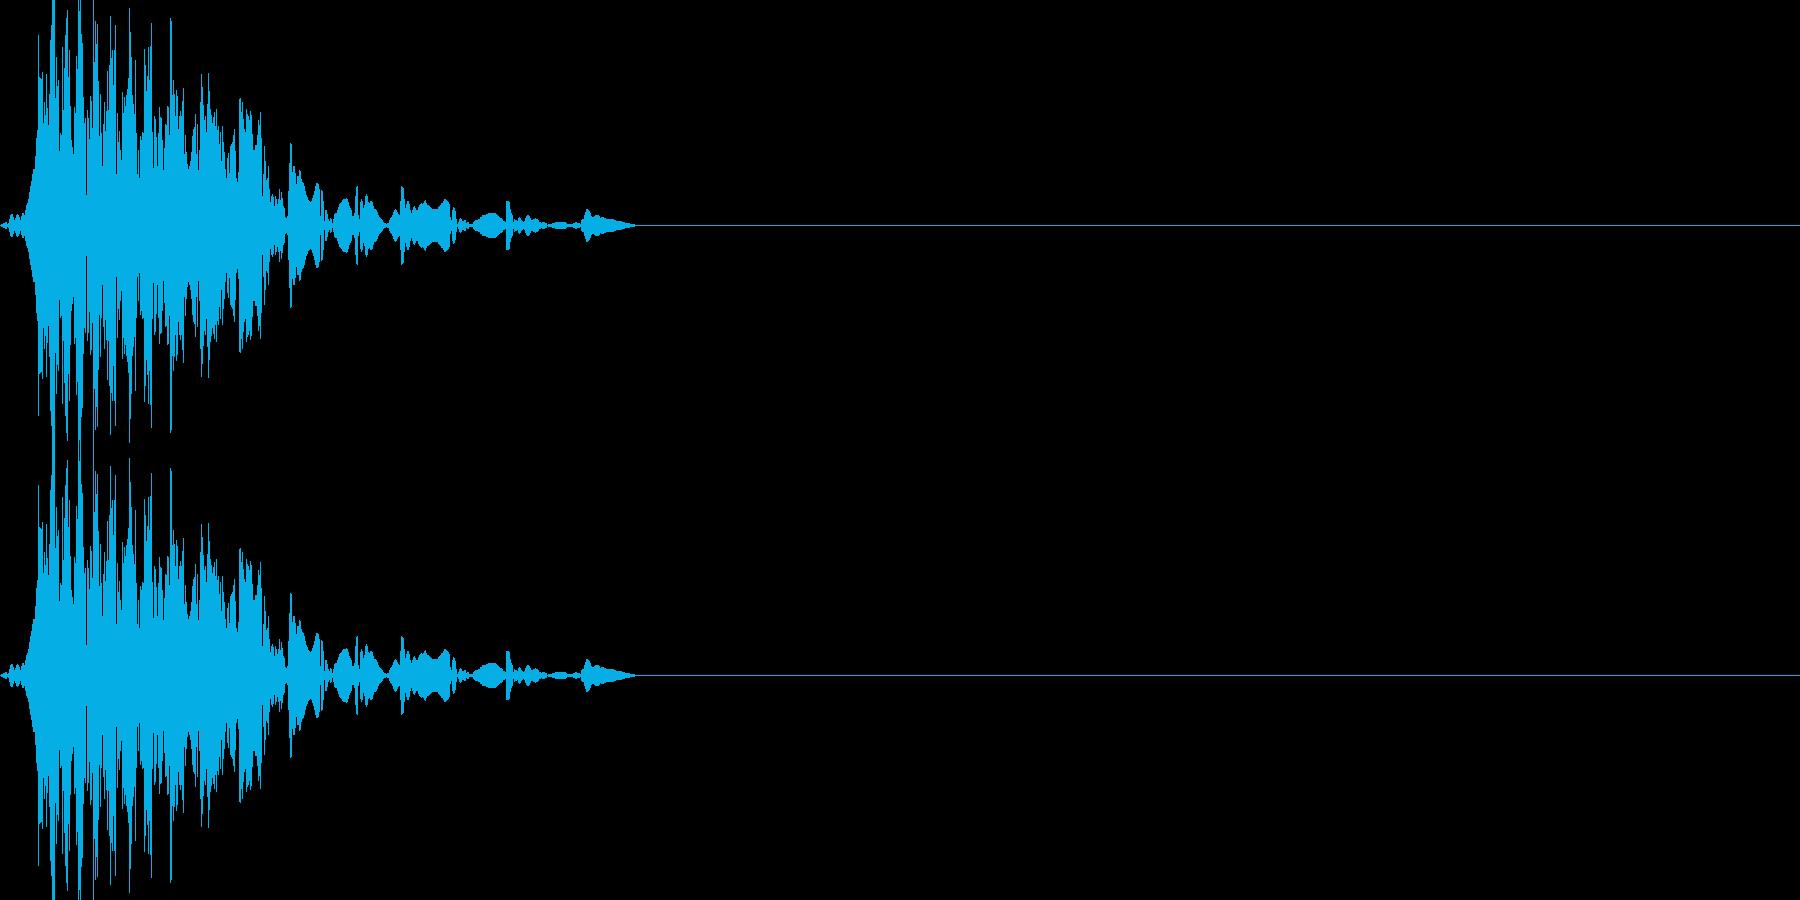 攻撃ダメージを受けたときの効果音の再生済みの波形